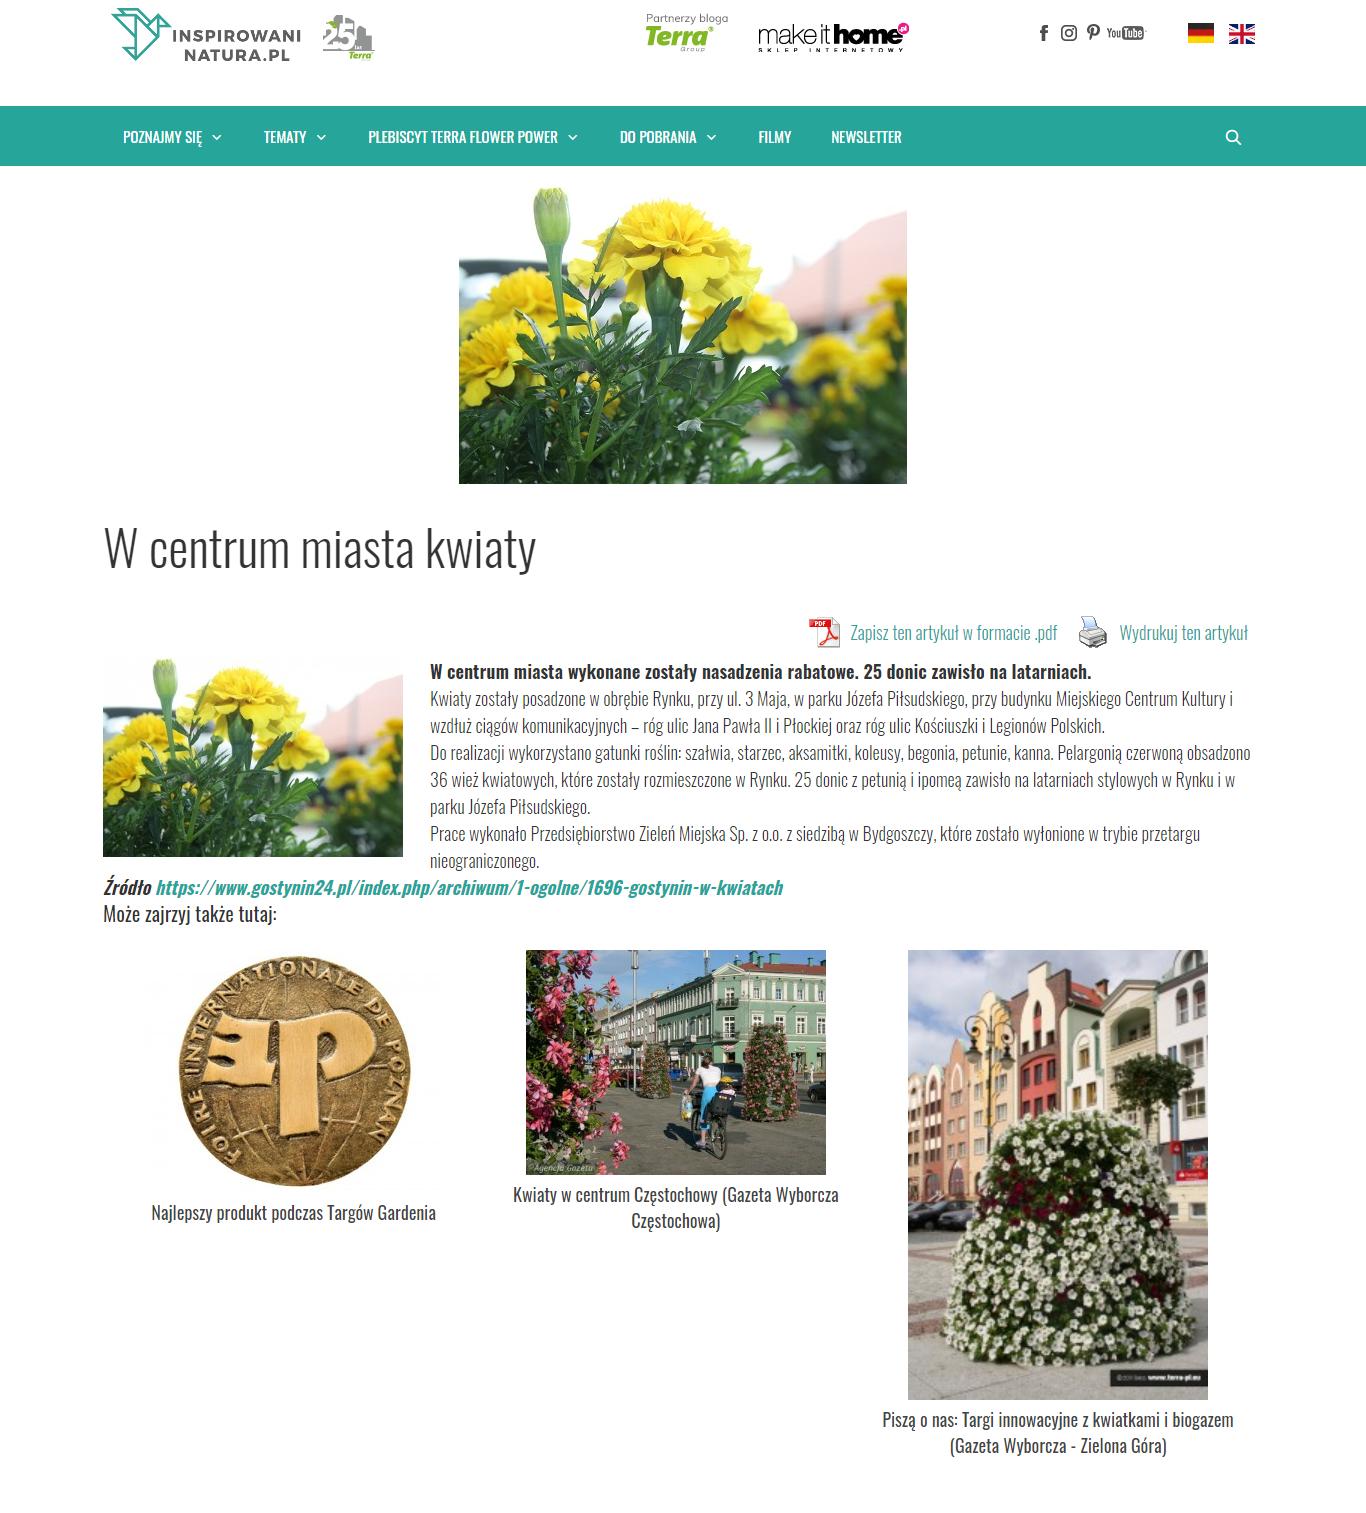 wpis-w-centrum-miasta-kwiaty